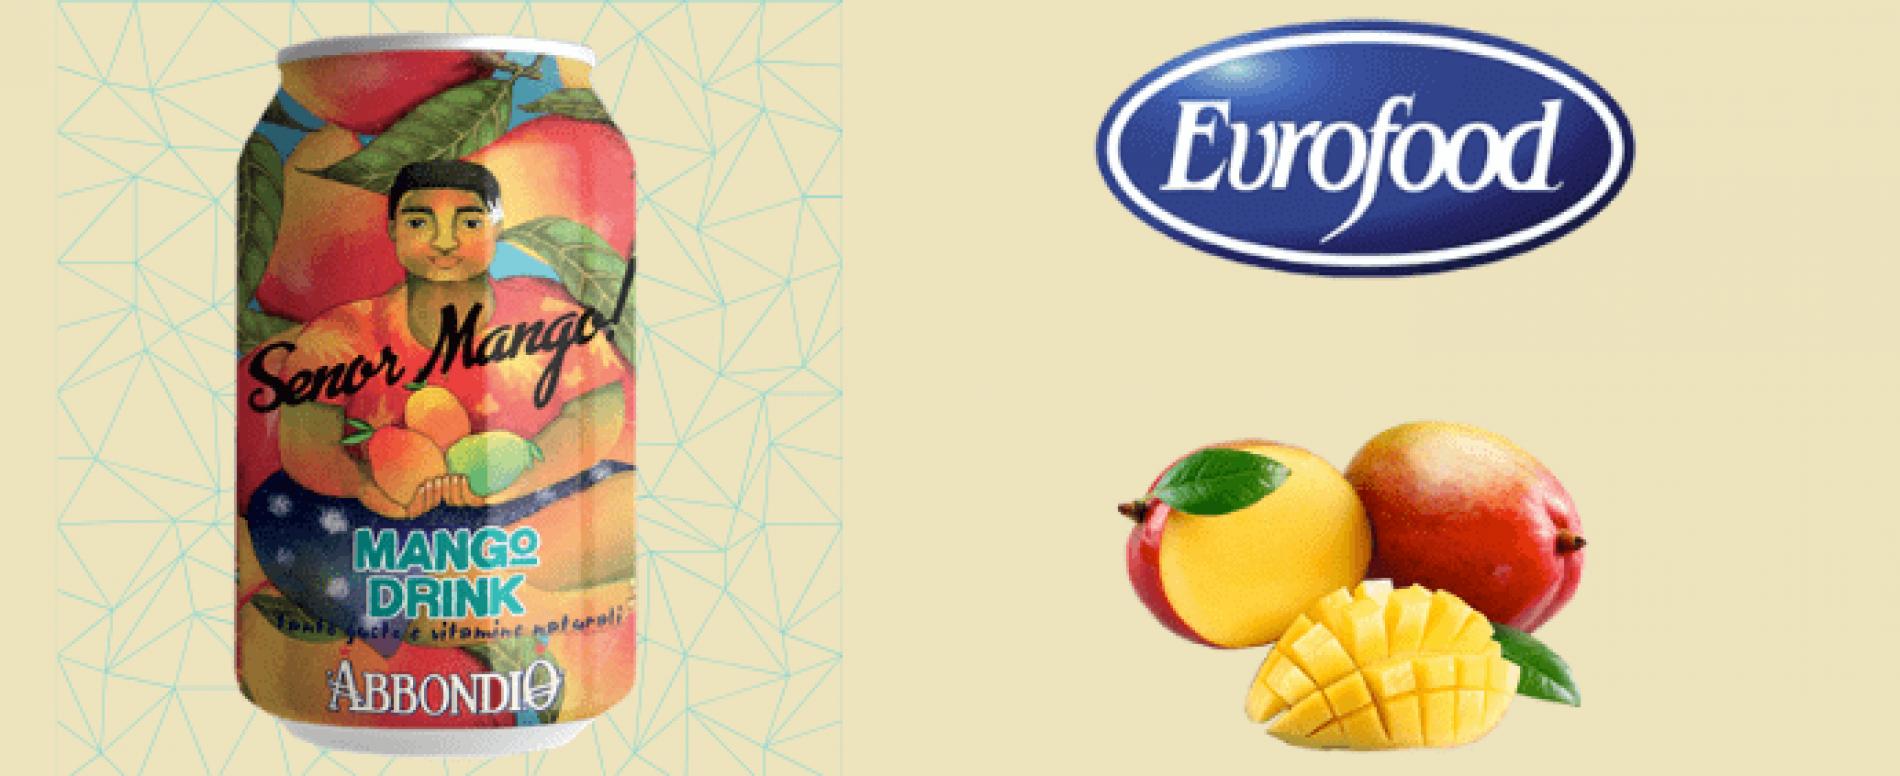 """Da Eurofood """"Buona estate con SENOR MANGO!"""""""